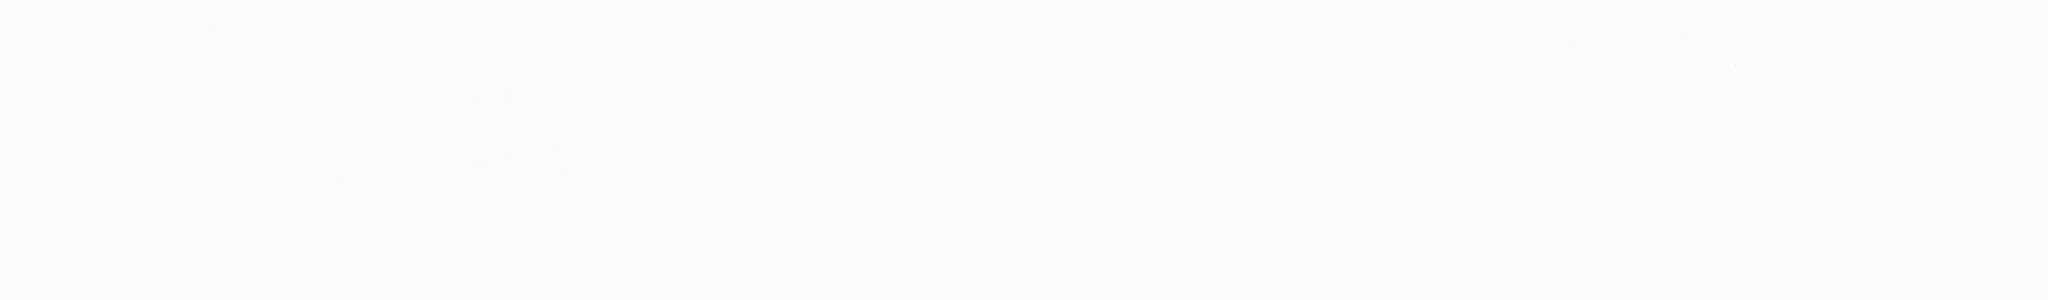 HU 50113 canto laminado FALZ blanco lacado